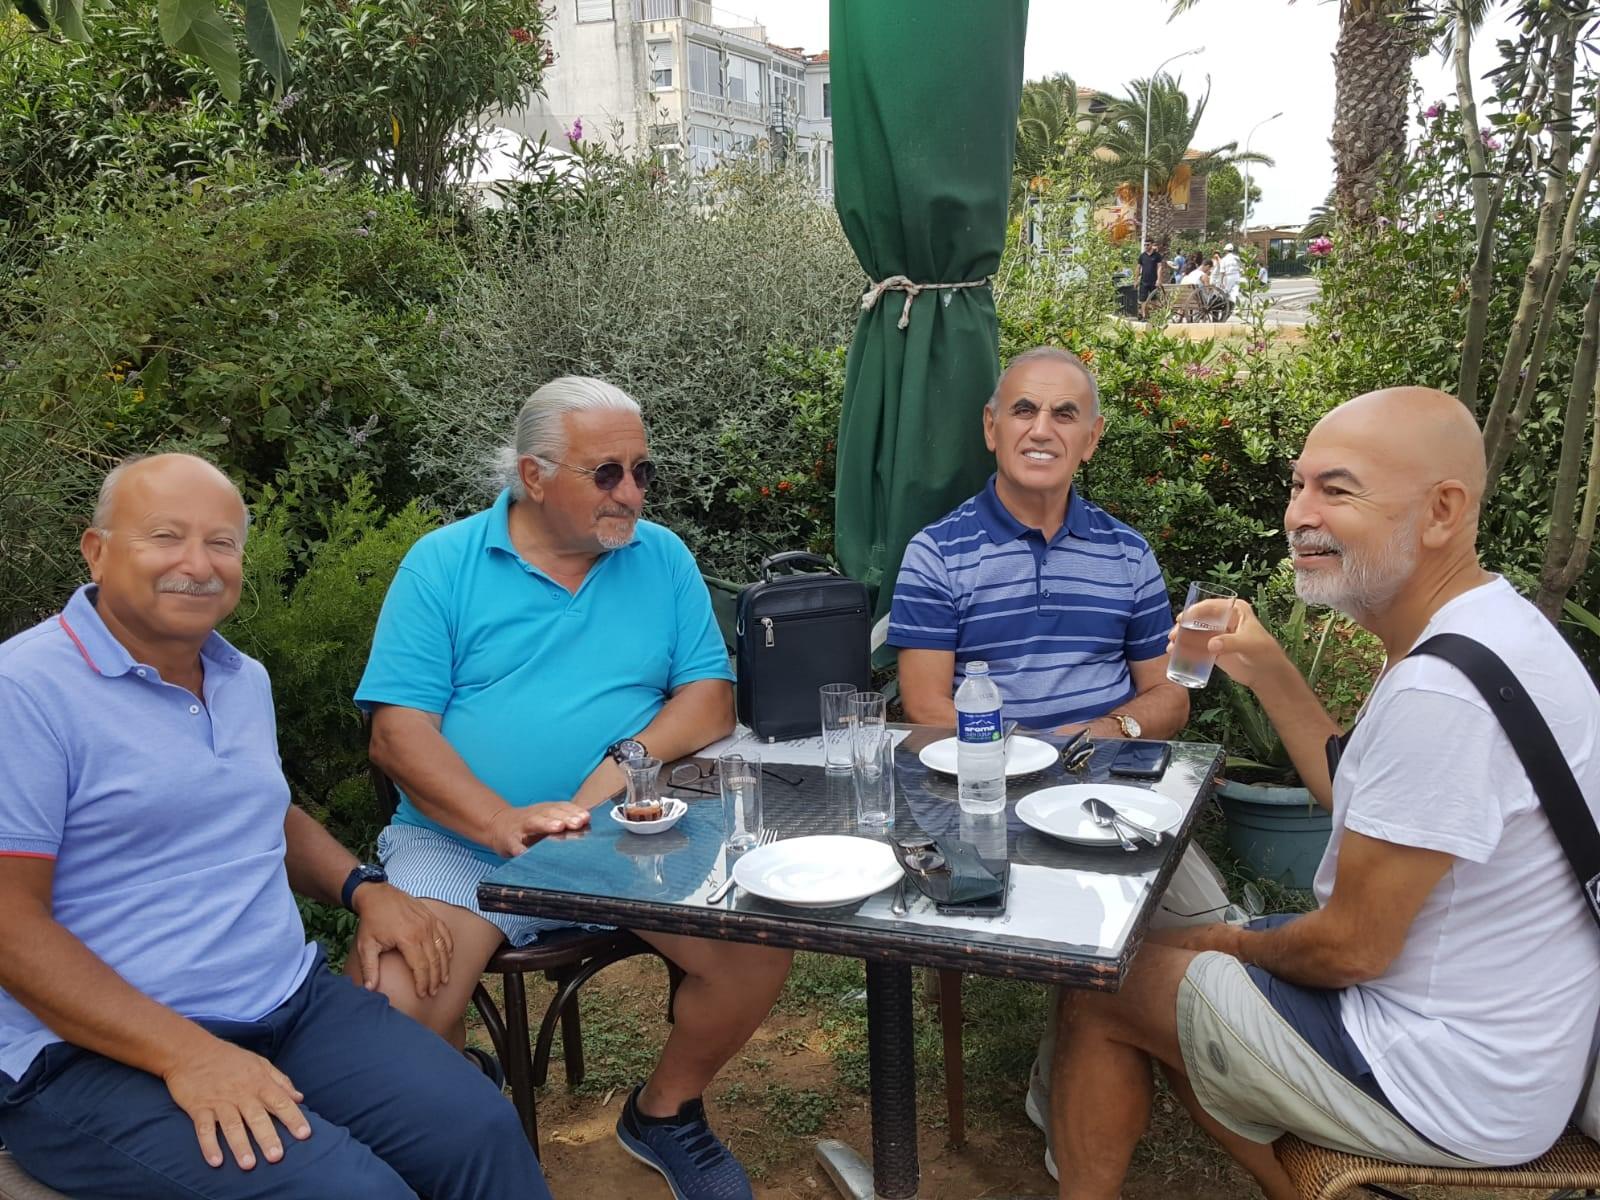 Küçük gruplarla sohbetler